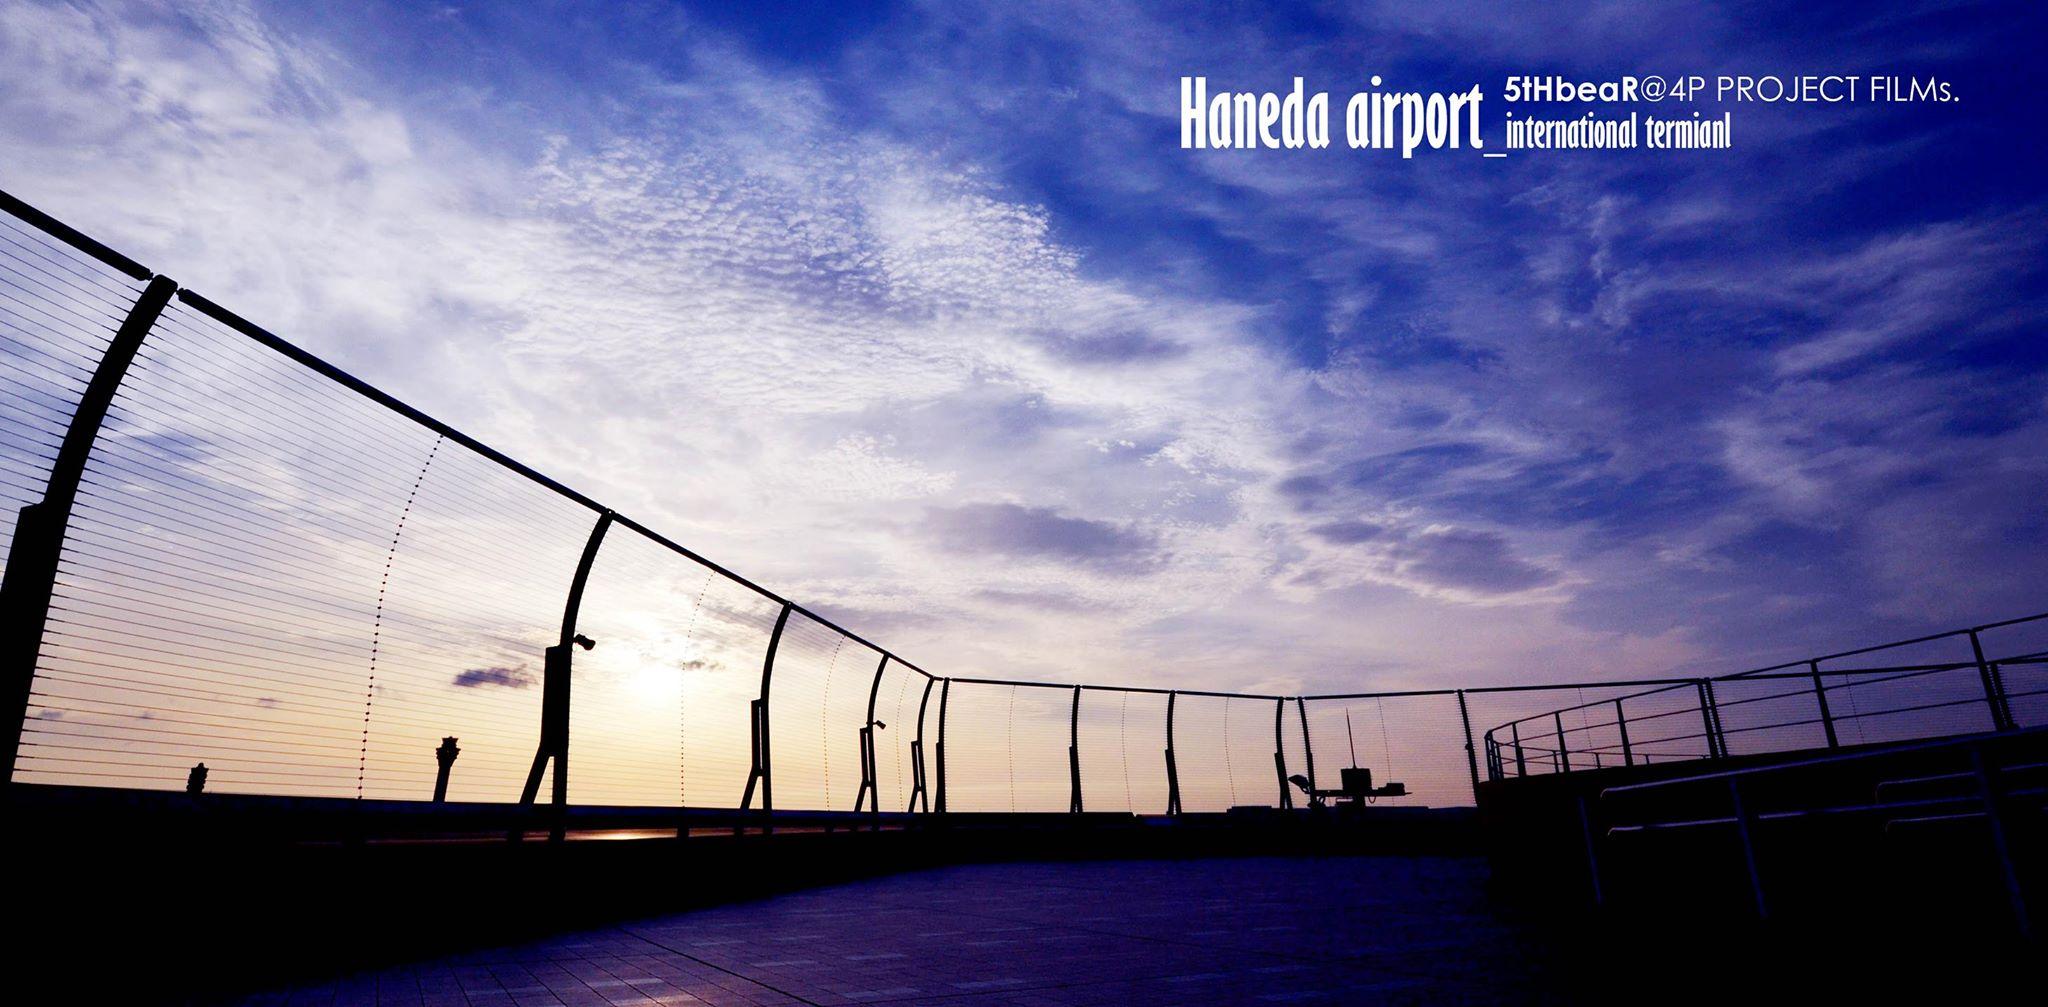 ท่าอากาศยานนานาชาติโตเกียว (ฮาเนดะ)